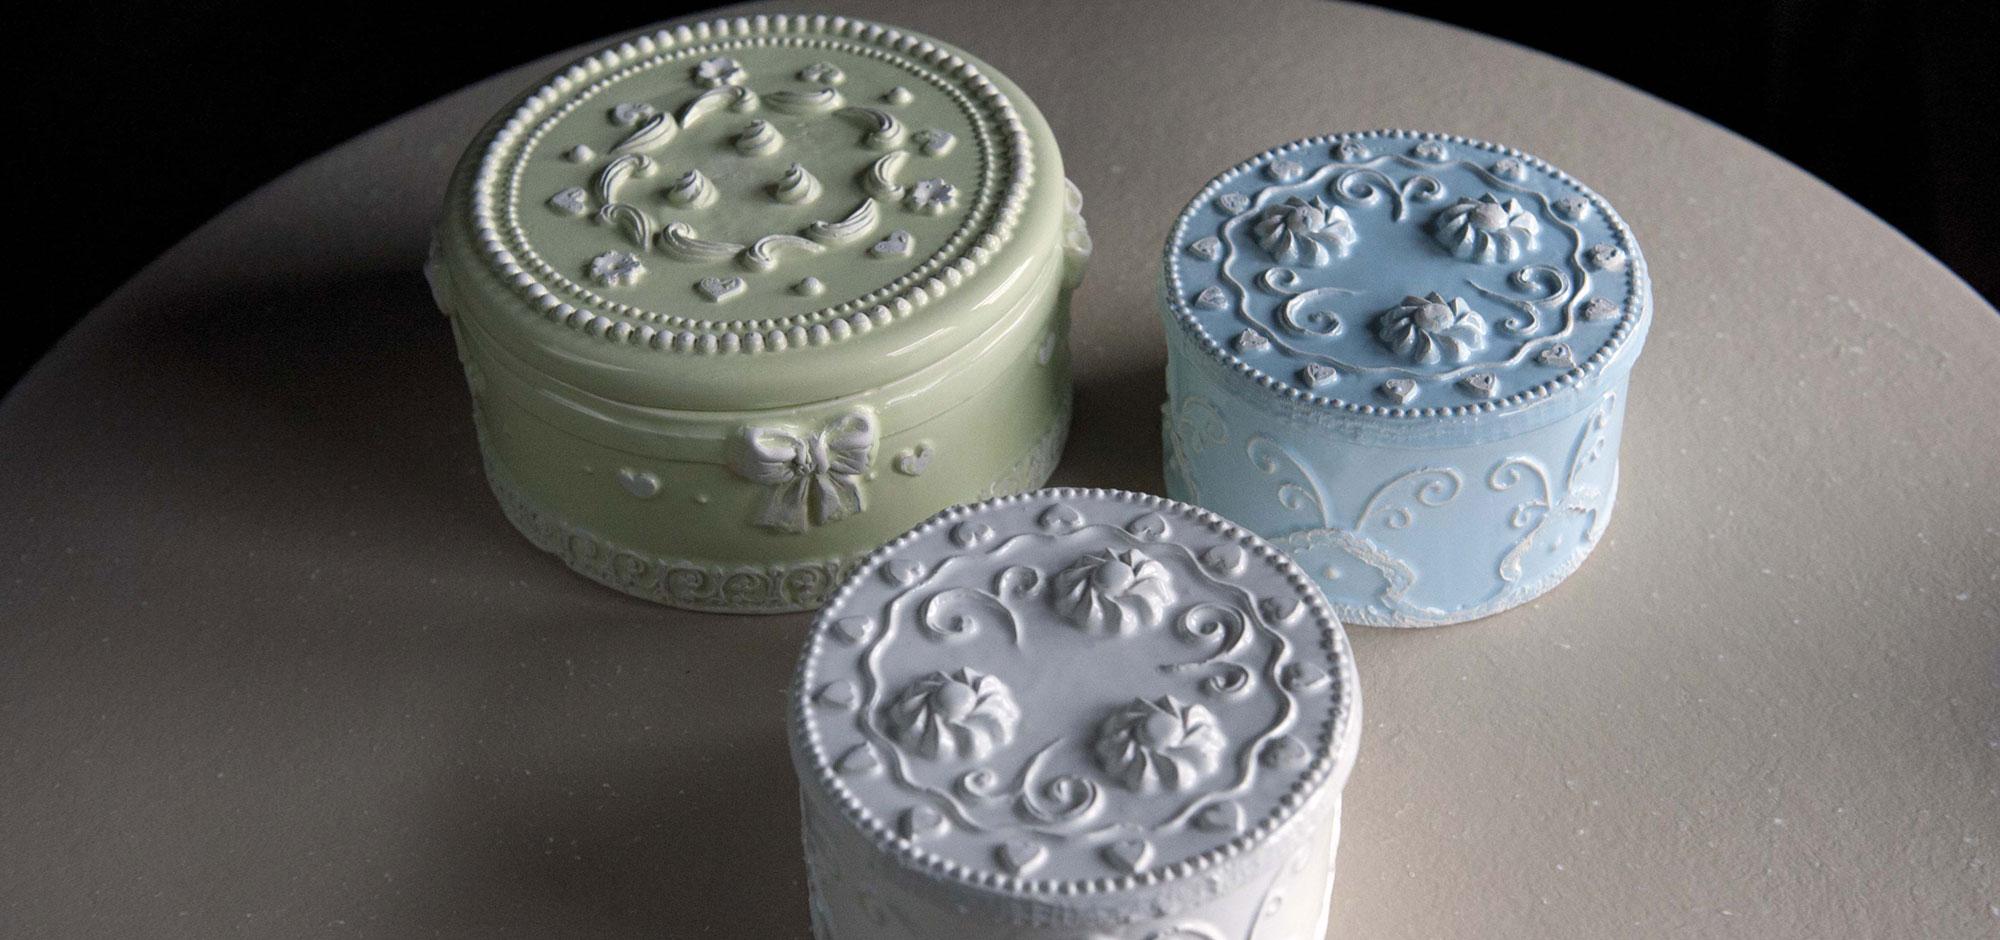 Virginia casa ceramiche artistiche toscane vetro arredo - Pasticceria da bagno ...